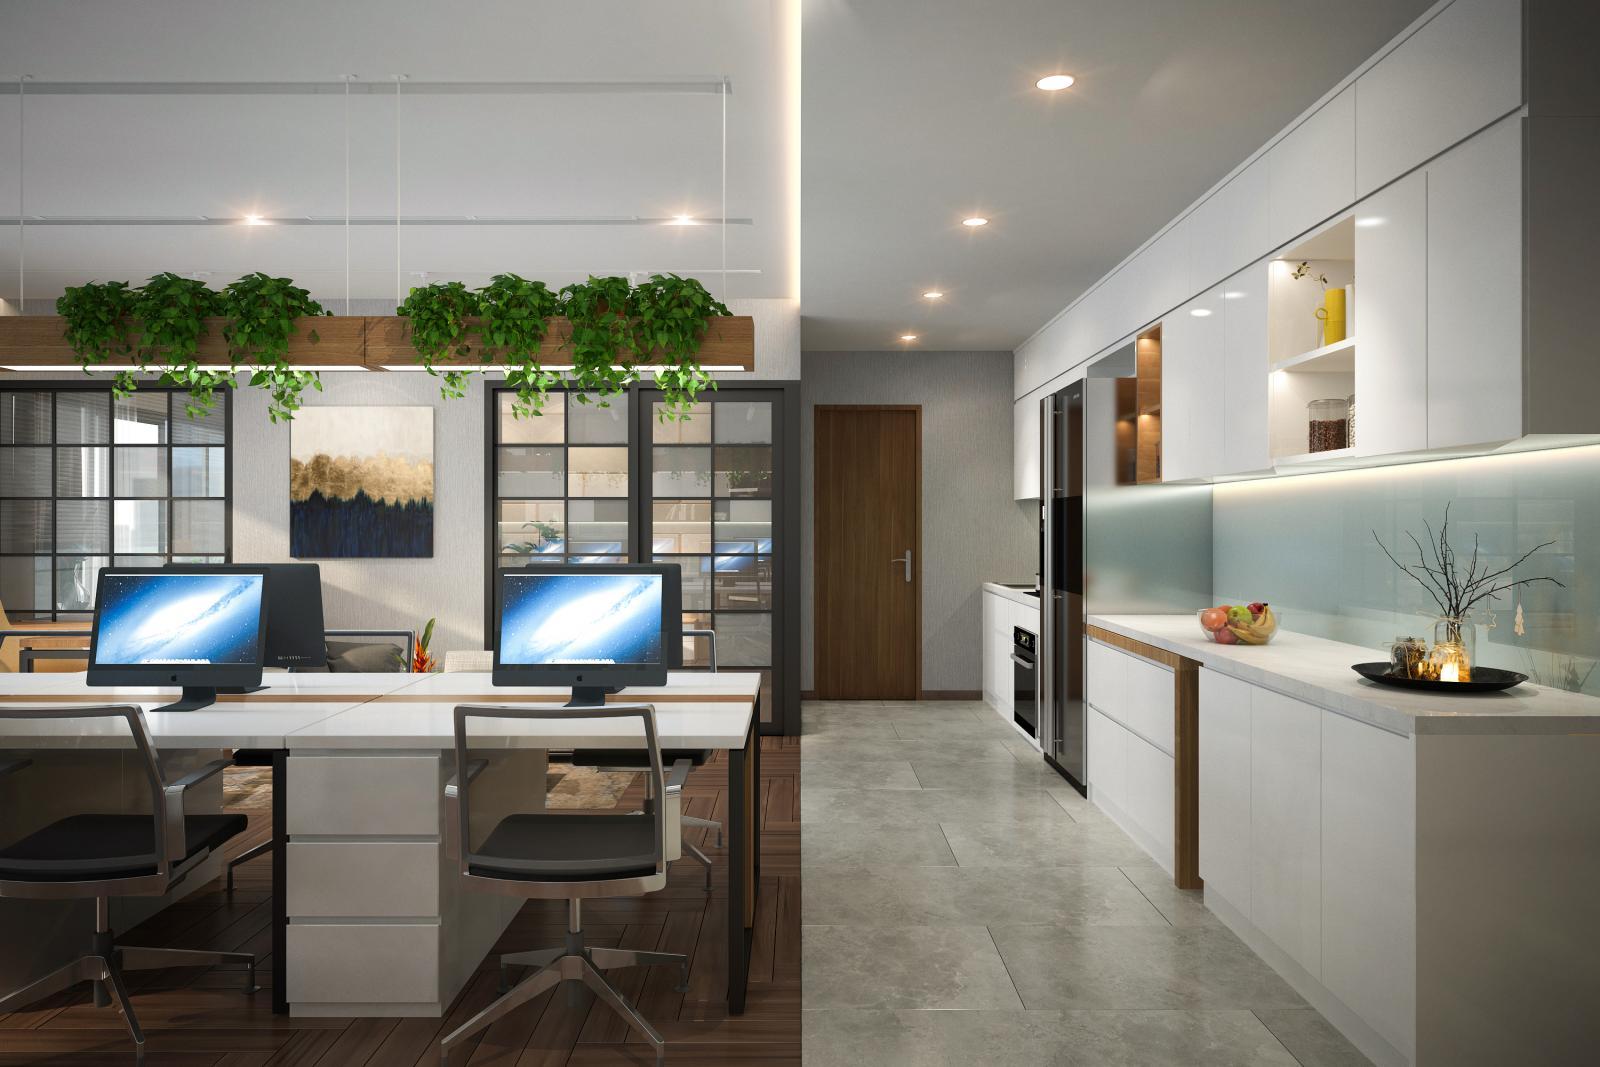 Soho là mô hình căn hộ hiện đại, tiện nghi phù hợp cho nhiều đối tượng sử dụng